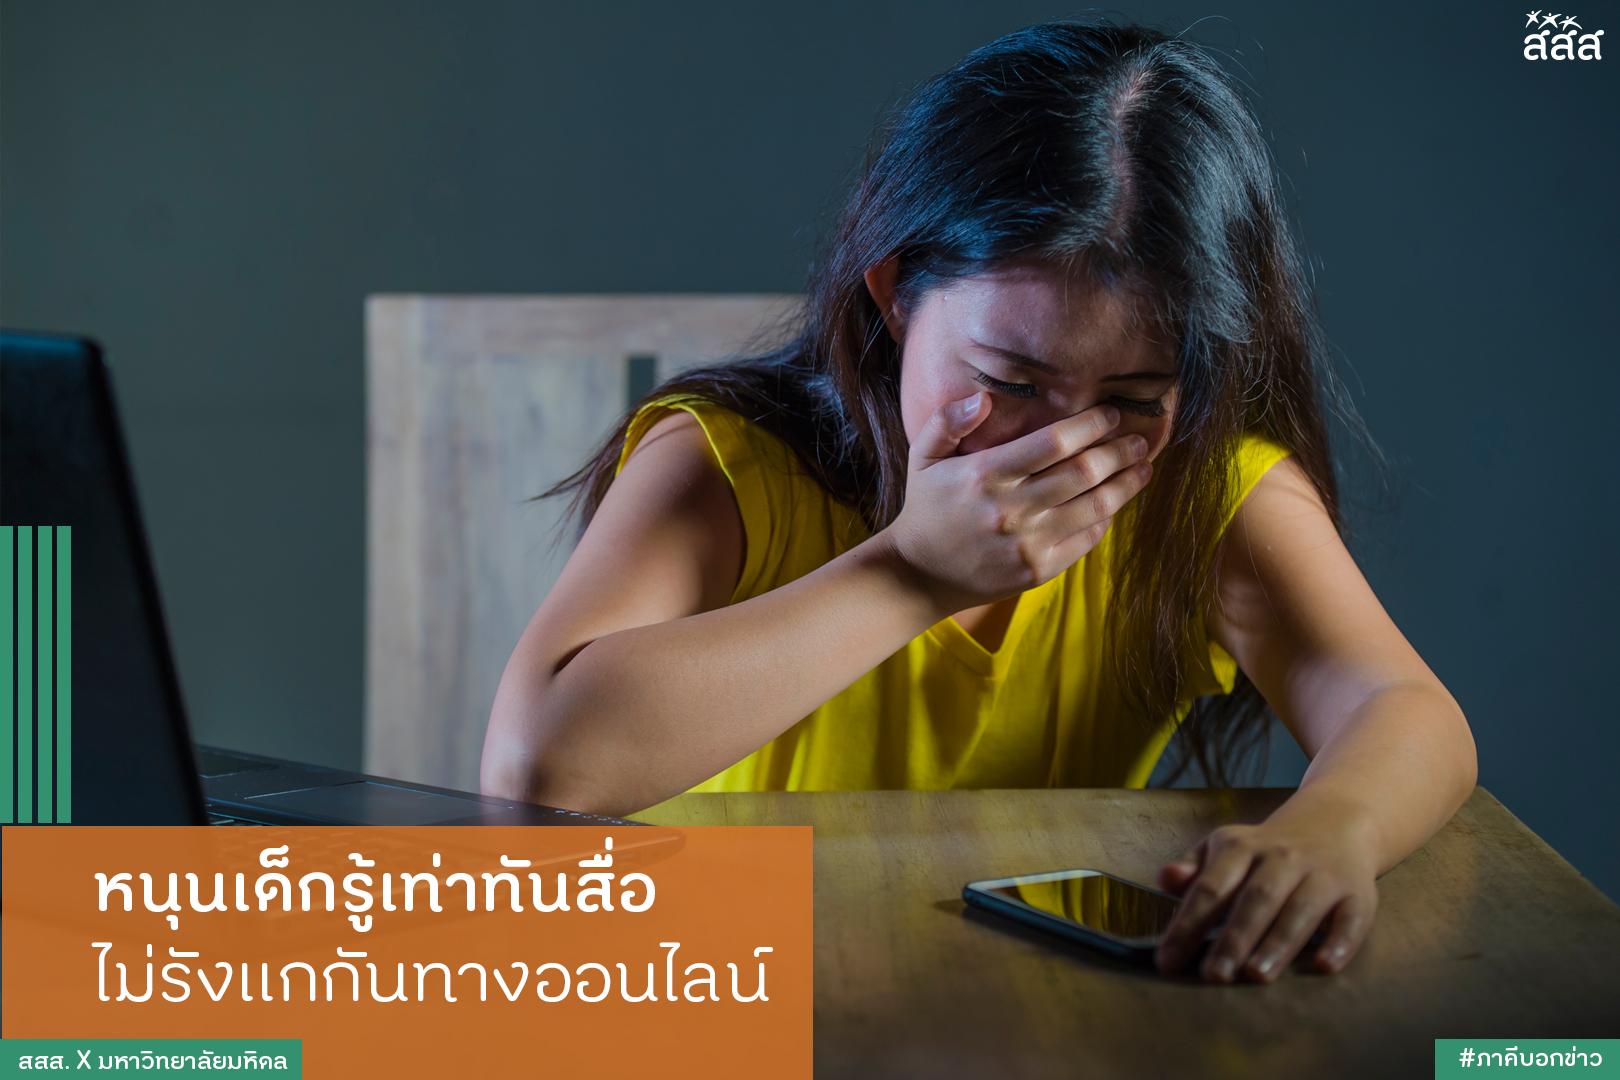 หนุนเด็กรู้เท่าทันสื่อ ไม่รังแกกันทางออนไลน์ thaihealth